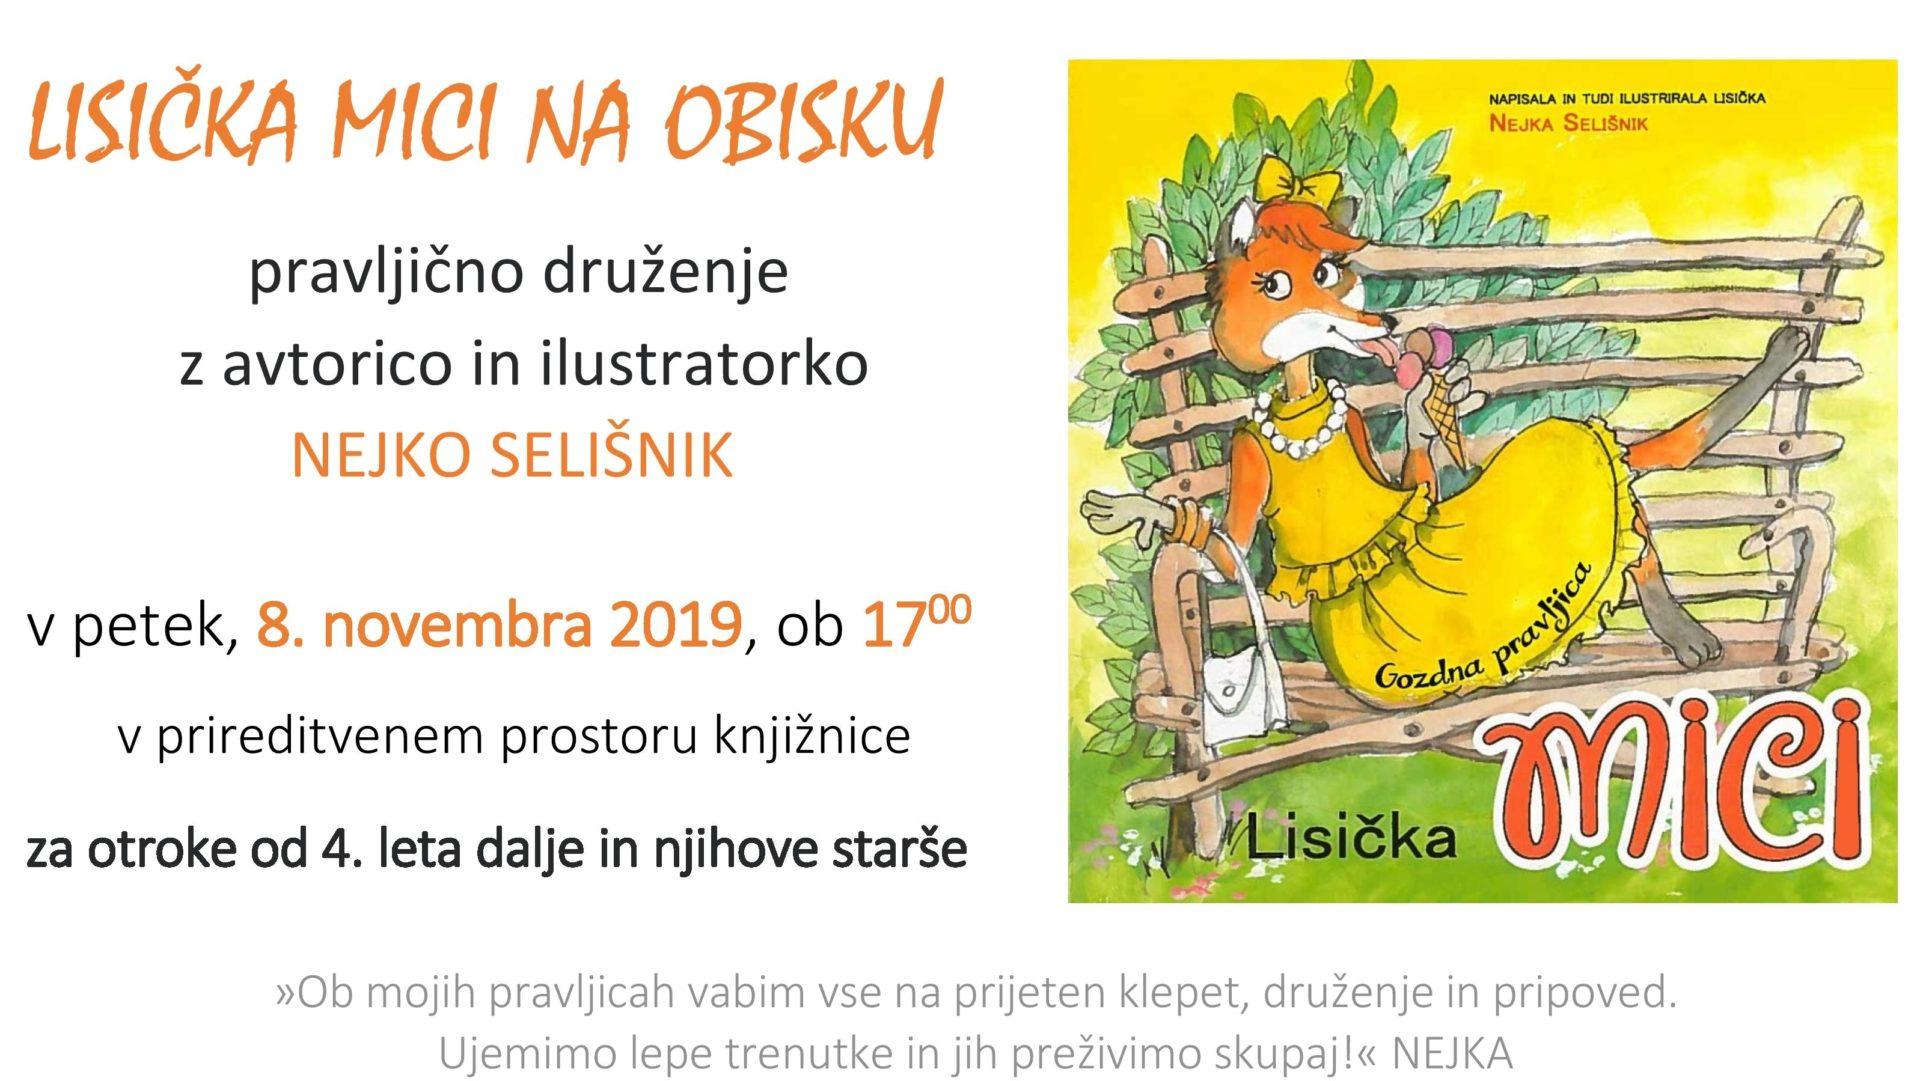 cover 6 - Lisička Mici na obisku - pravljično druženje z avtorico in ilustratorko Nejko Selišnik